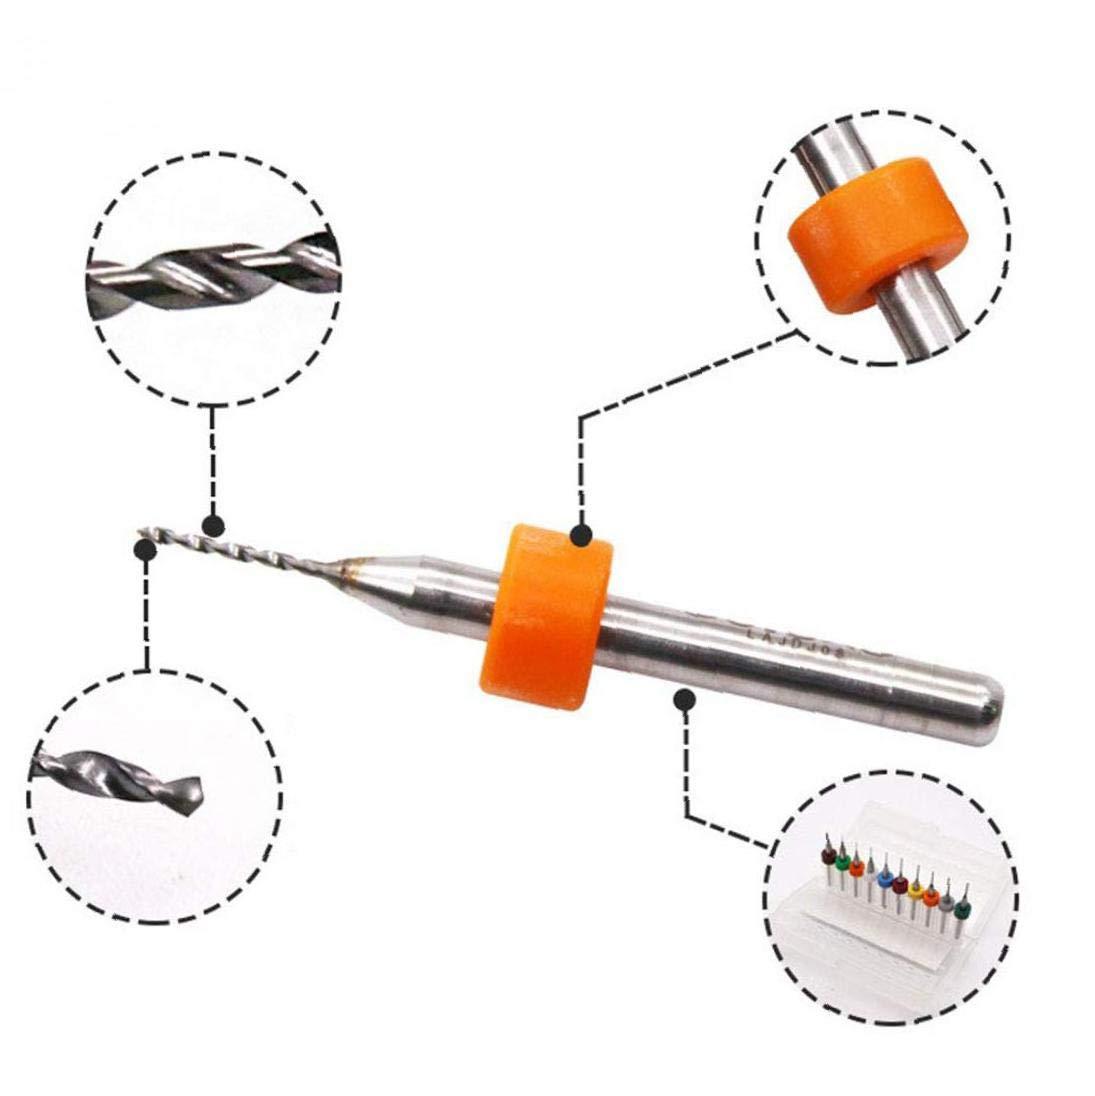 Le Tungst/ène M/étal Forets En Acier Mini Micro Incision Forets PCB Imprimer Circuit Carbure Forets Micro Bricolage Accessoires 1R/égler 0.3-1.2mm